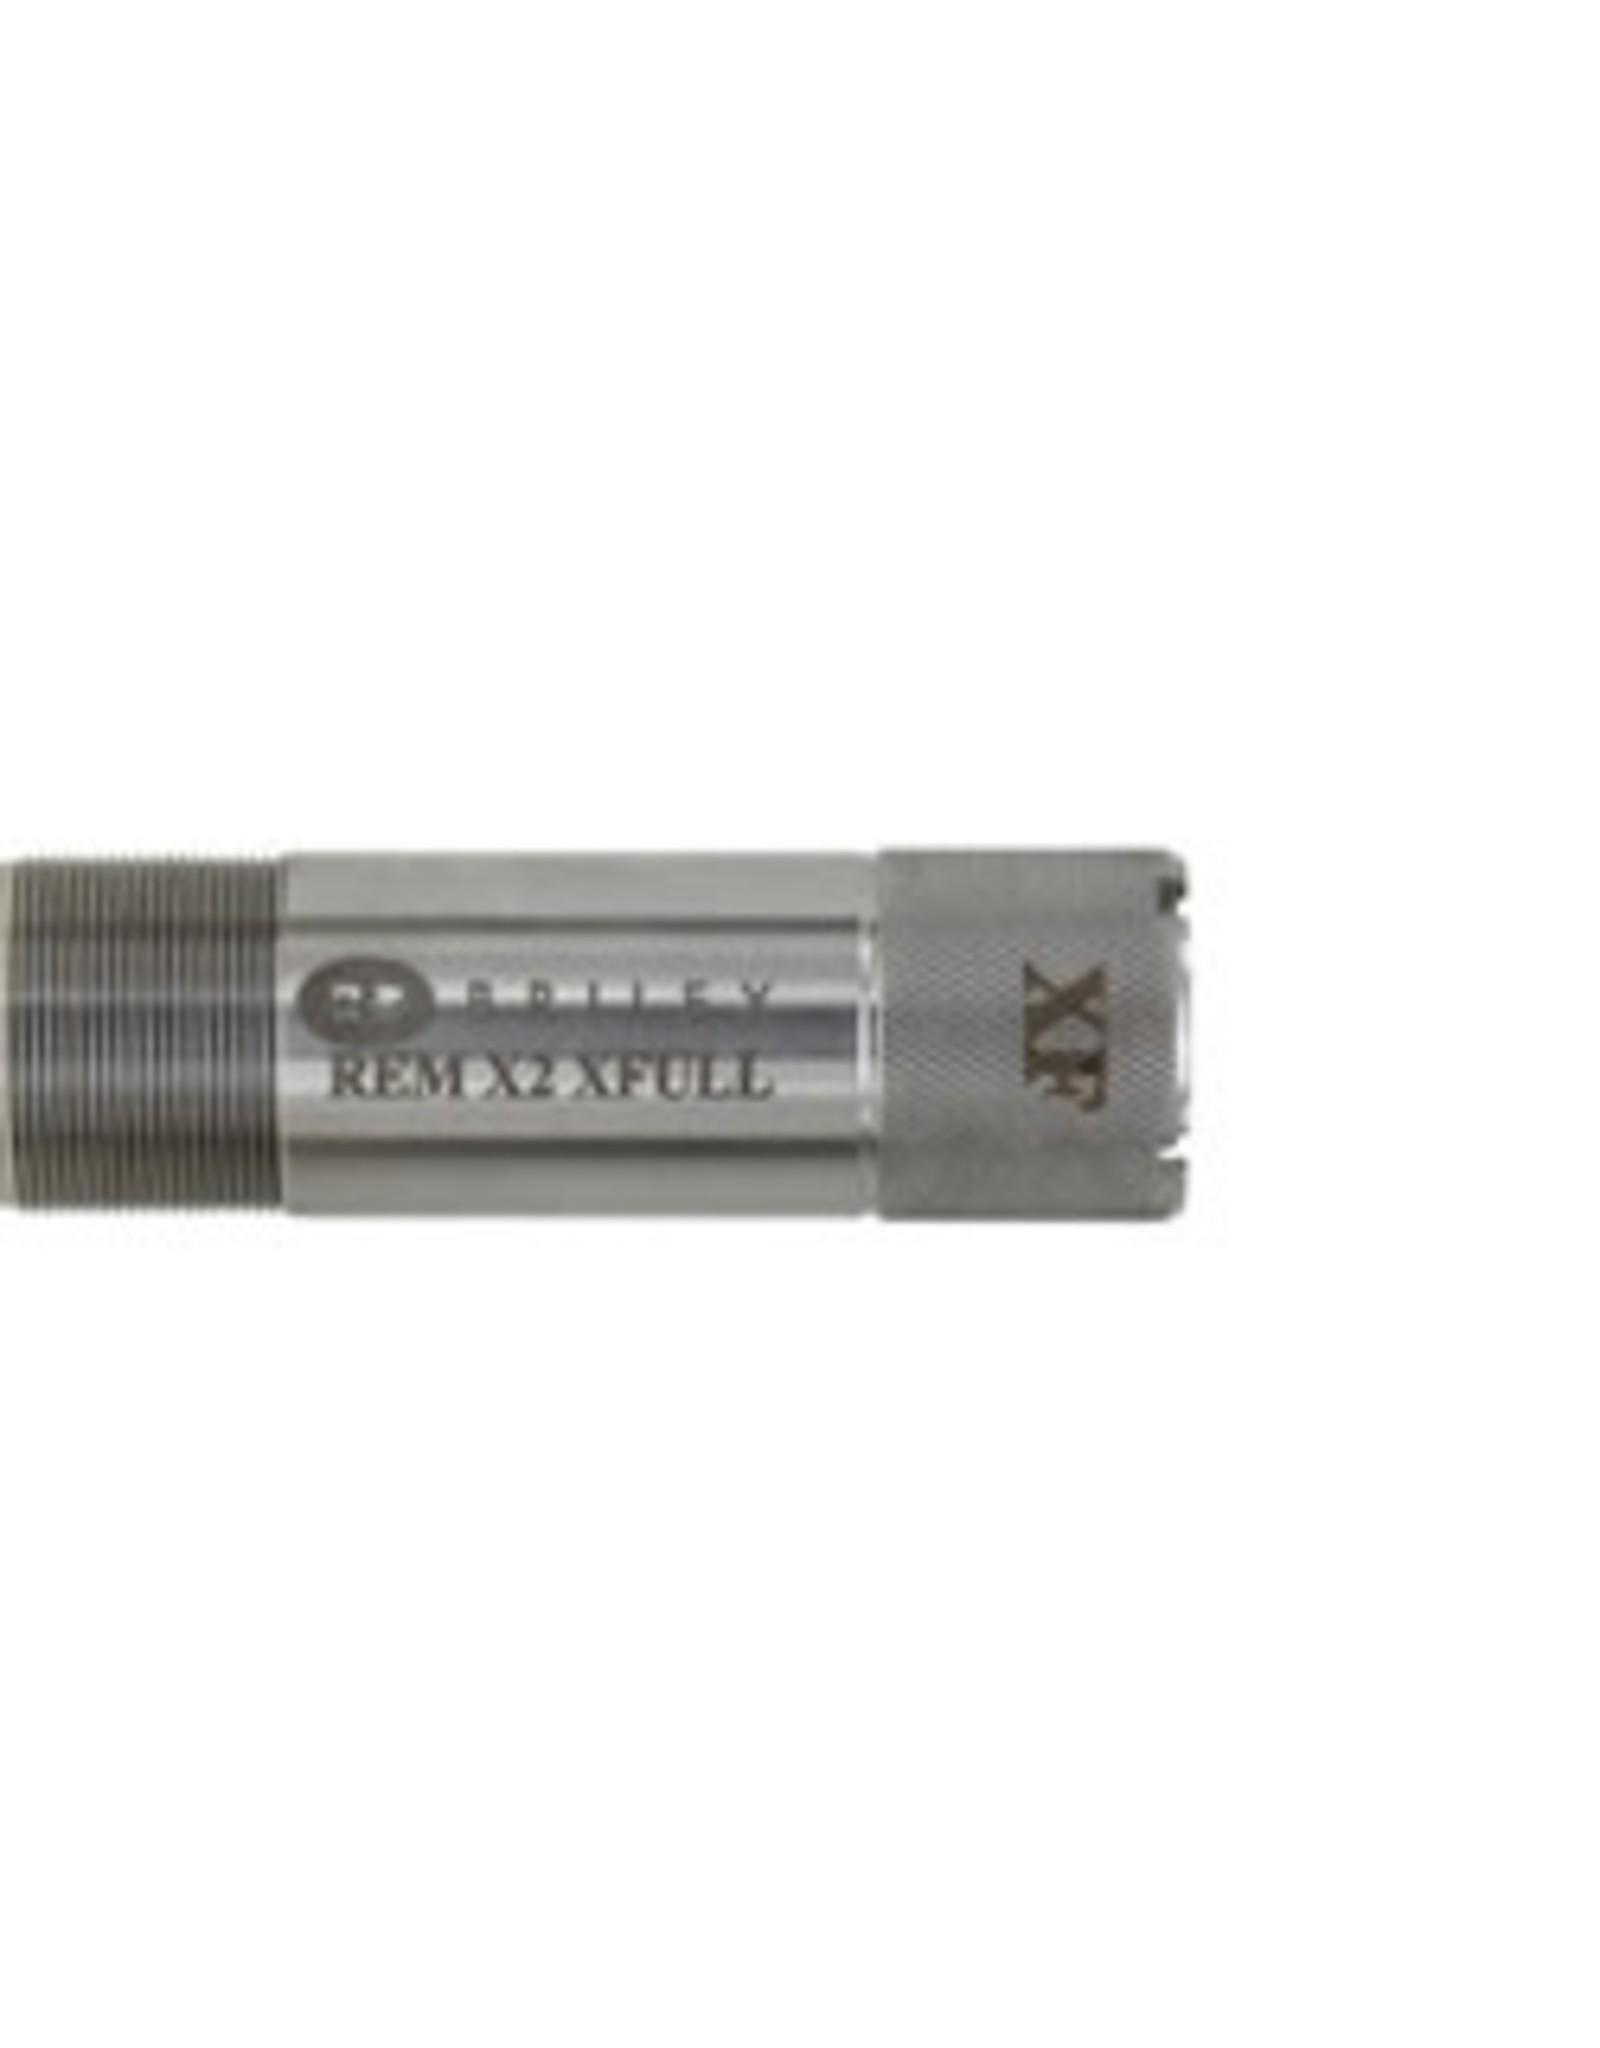 Briley 12 ga Ext Remington - Improved Cylinder